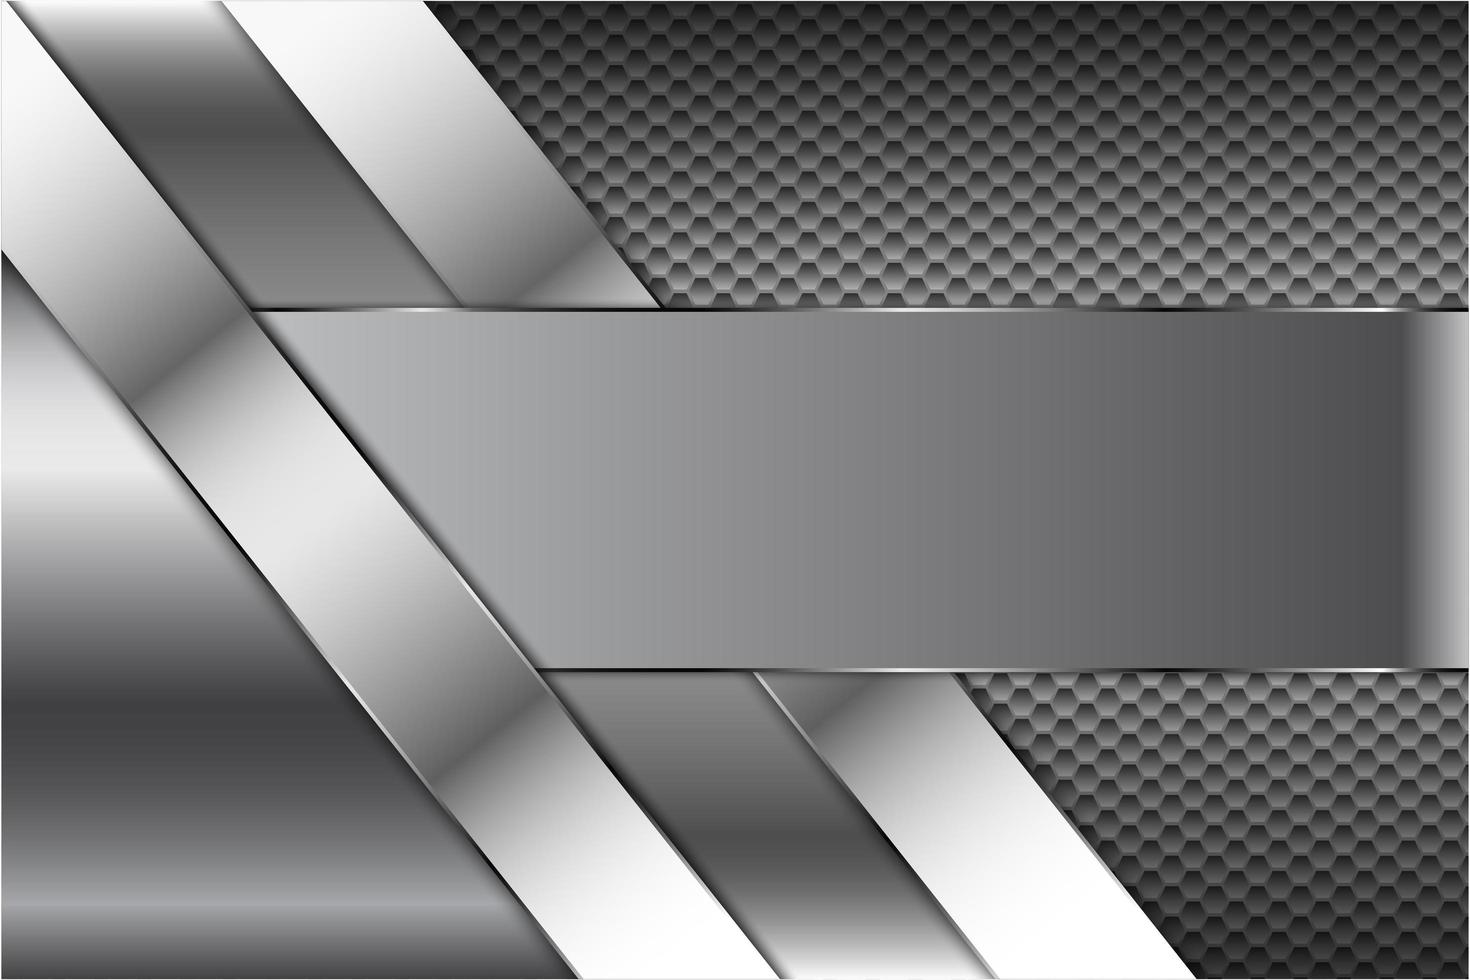 tecnologia in metallo con motivo esagonale vettore